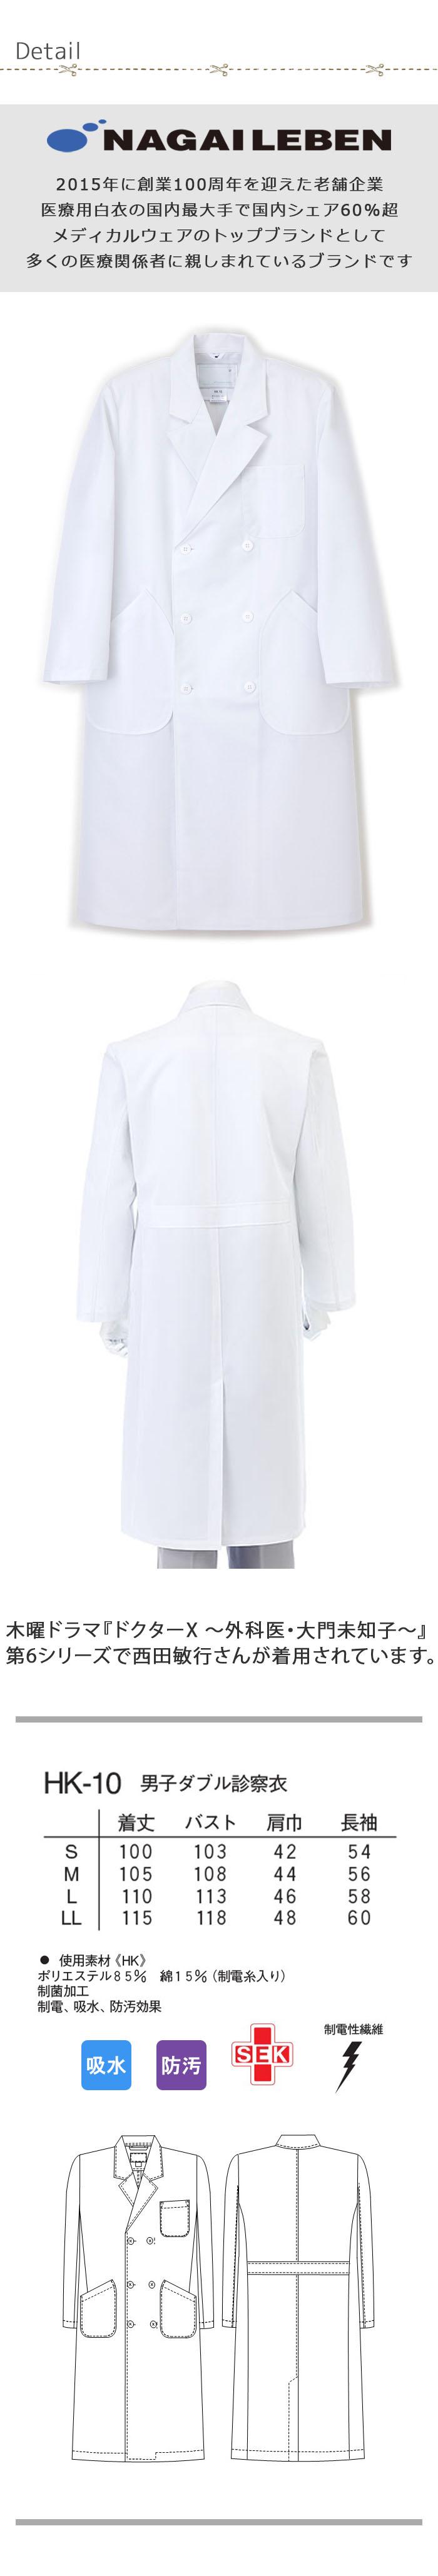 【歯科・病院ユニフォーム】 ドラマ「ドクターX」で採用された ダブル診察衣【1色】男性用